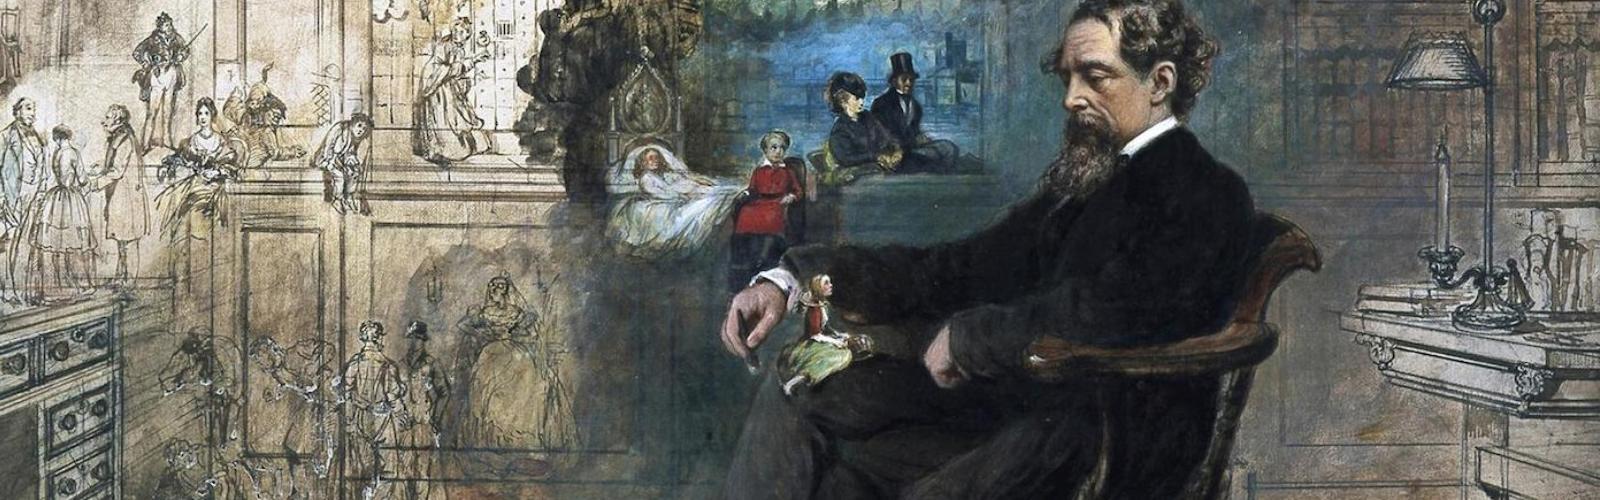 Robert William Buss – Dickens' Dream (uitleg onderaan)